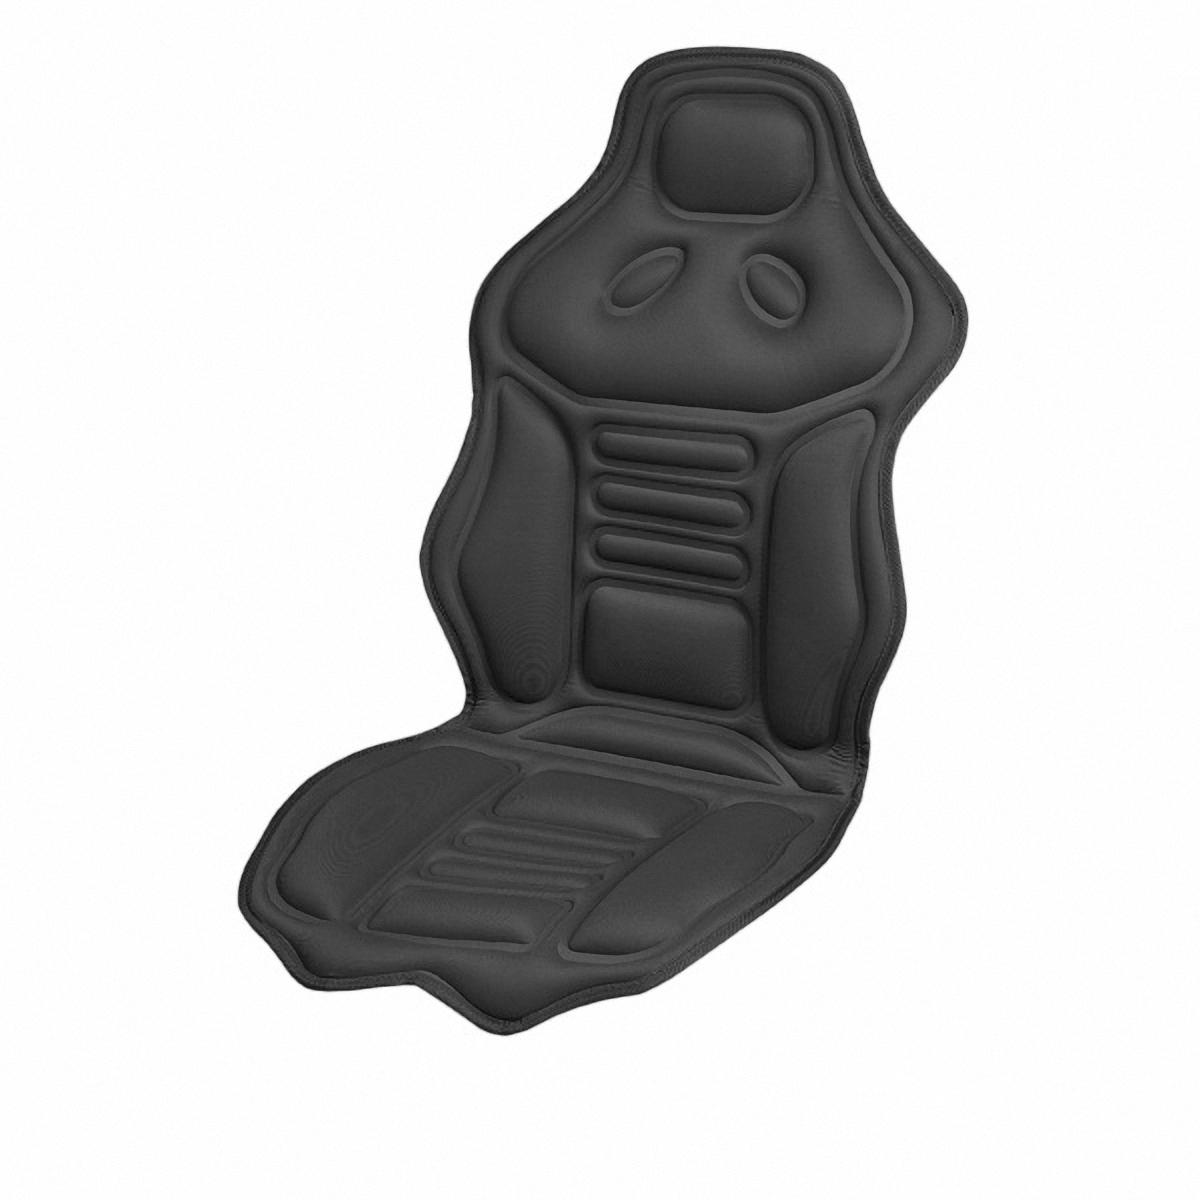 Подогрев для сиденья Skyway, со спинкой. S02201006S02201006Подогрев сиденья со спинкой с терморегулятором (2 режима) 12V; 2,5А-3А. Подогрев сидения – это сезонный товар и большой популярностью пользуется в осенне-зимний период. ТМ SKYWAY предлагает наружные подогревы сидений, изготовленные в виде накидки на автомобильное кресло. Преимущество наружных подогревов в простоте установки. Они крепятся ремнями к креслу автомобиля и подключаются к бортовой сети через гнездо прикуривателя.